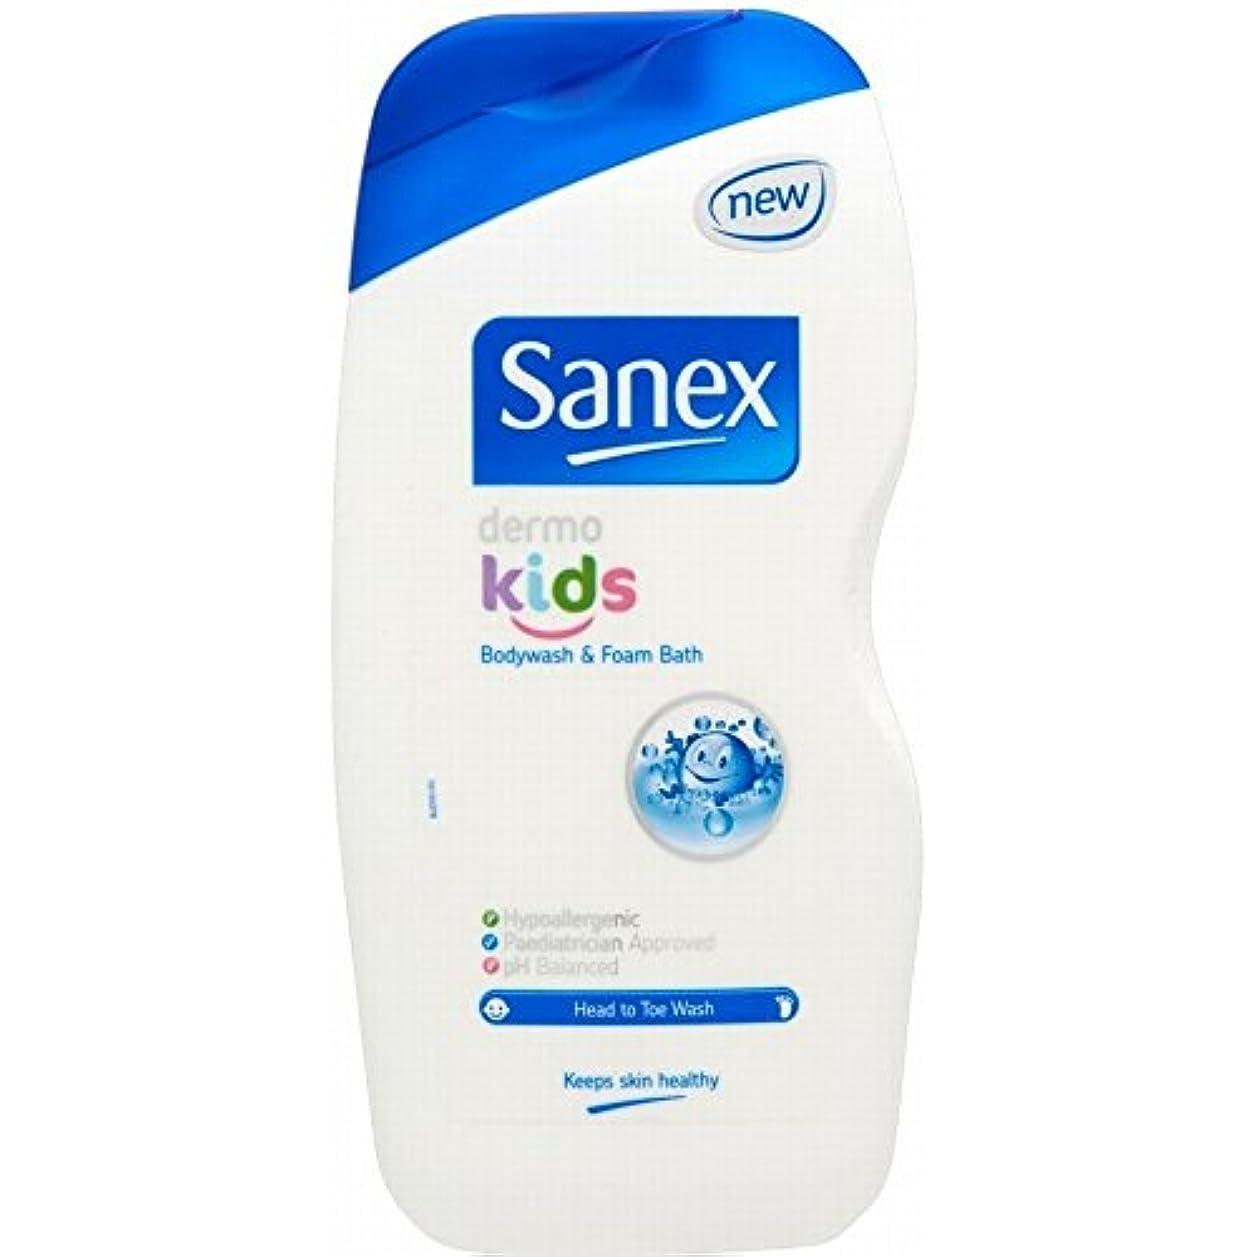 擬人化効果報酬Sanex Dermo Kids Body Wash & Foam Bath (500ml) Sanex真皮キッズボディウォッシュと泡風呂( 500ミリリットル) [並行輸入品]